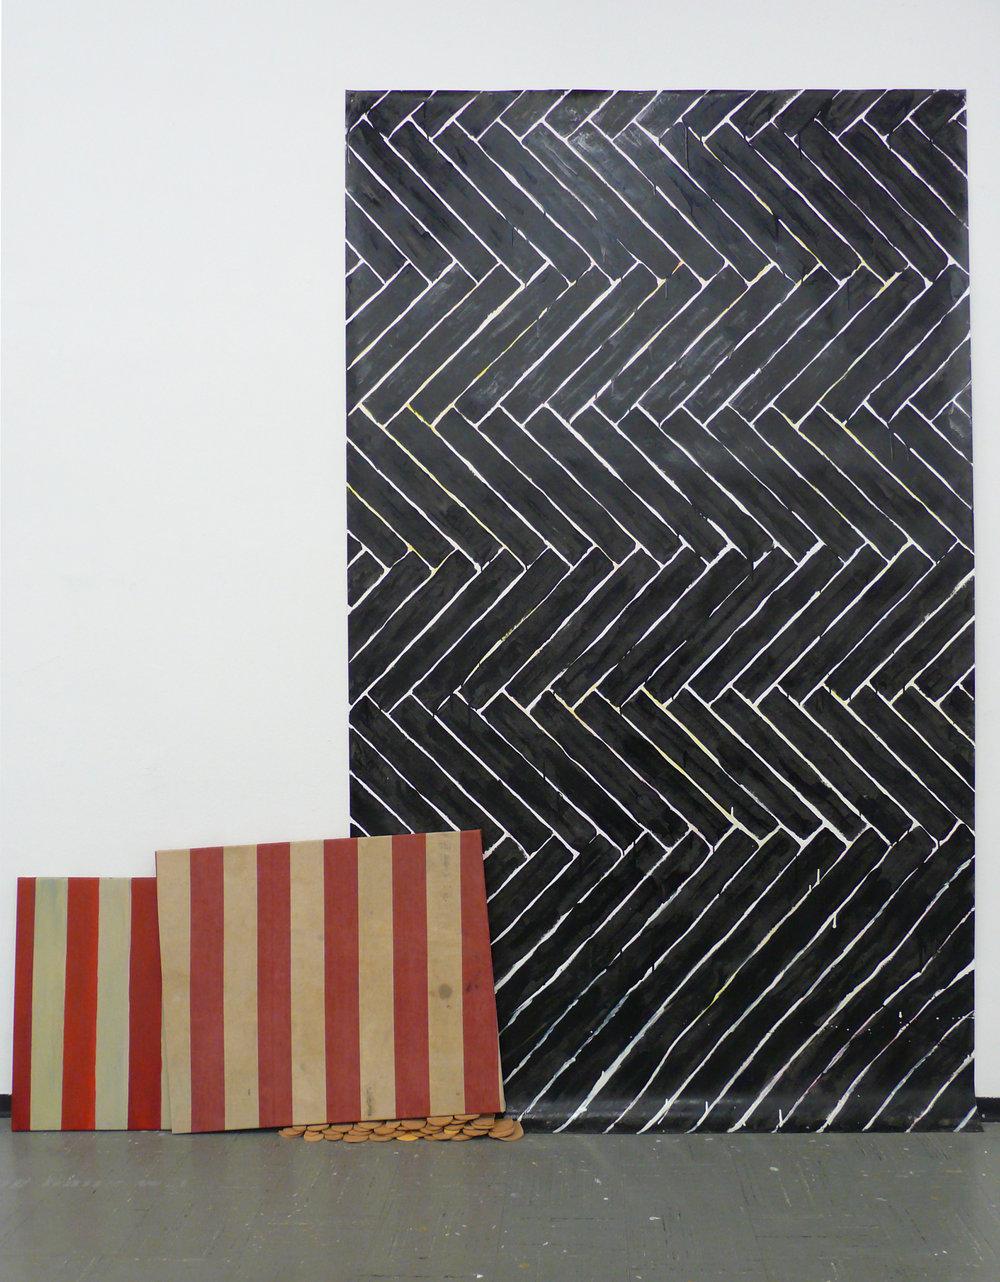 Ohne Titel, 2010 Öl auf Leinwand, Stoff, ungebrannter Ton,80 x 130 x 15 cm Lack auf Papier, 250 x 150 cm